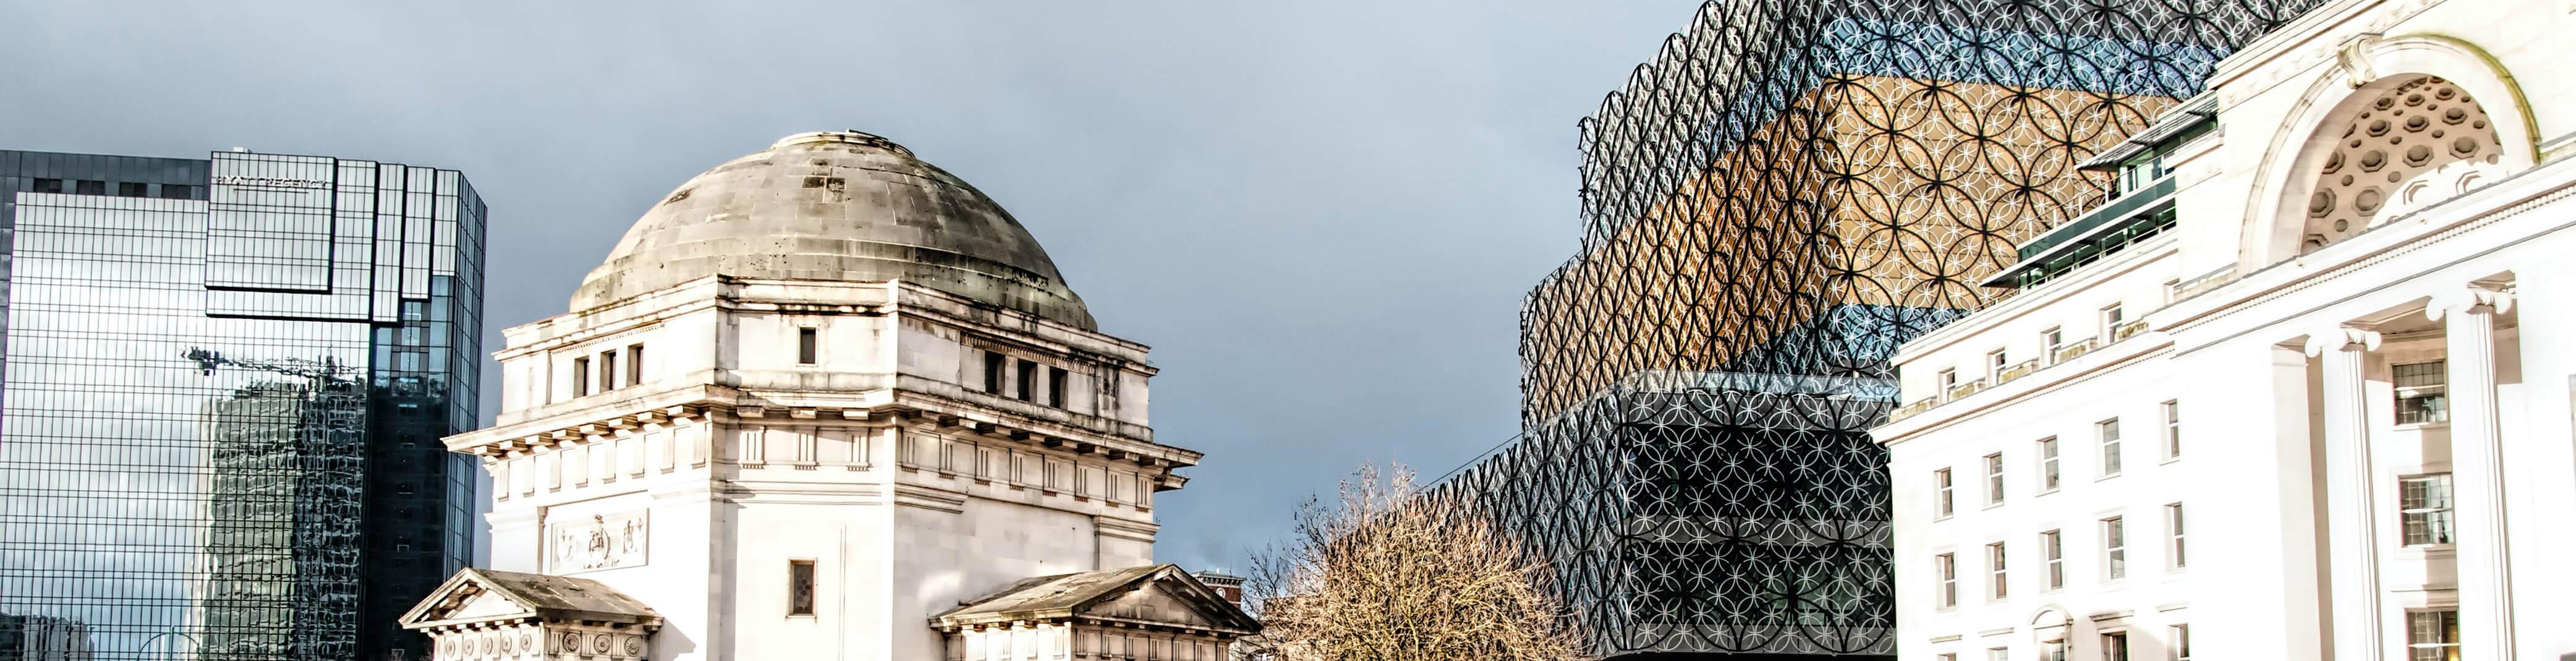 Online Training Courses In Birmingham